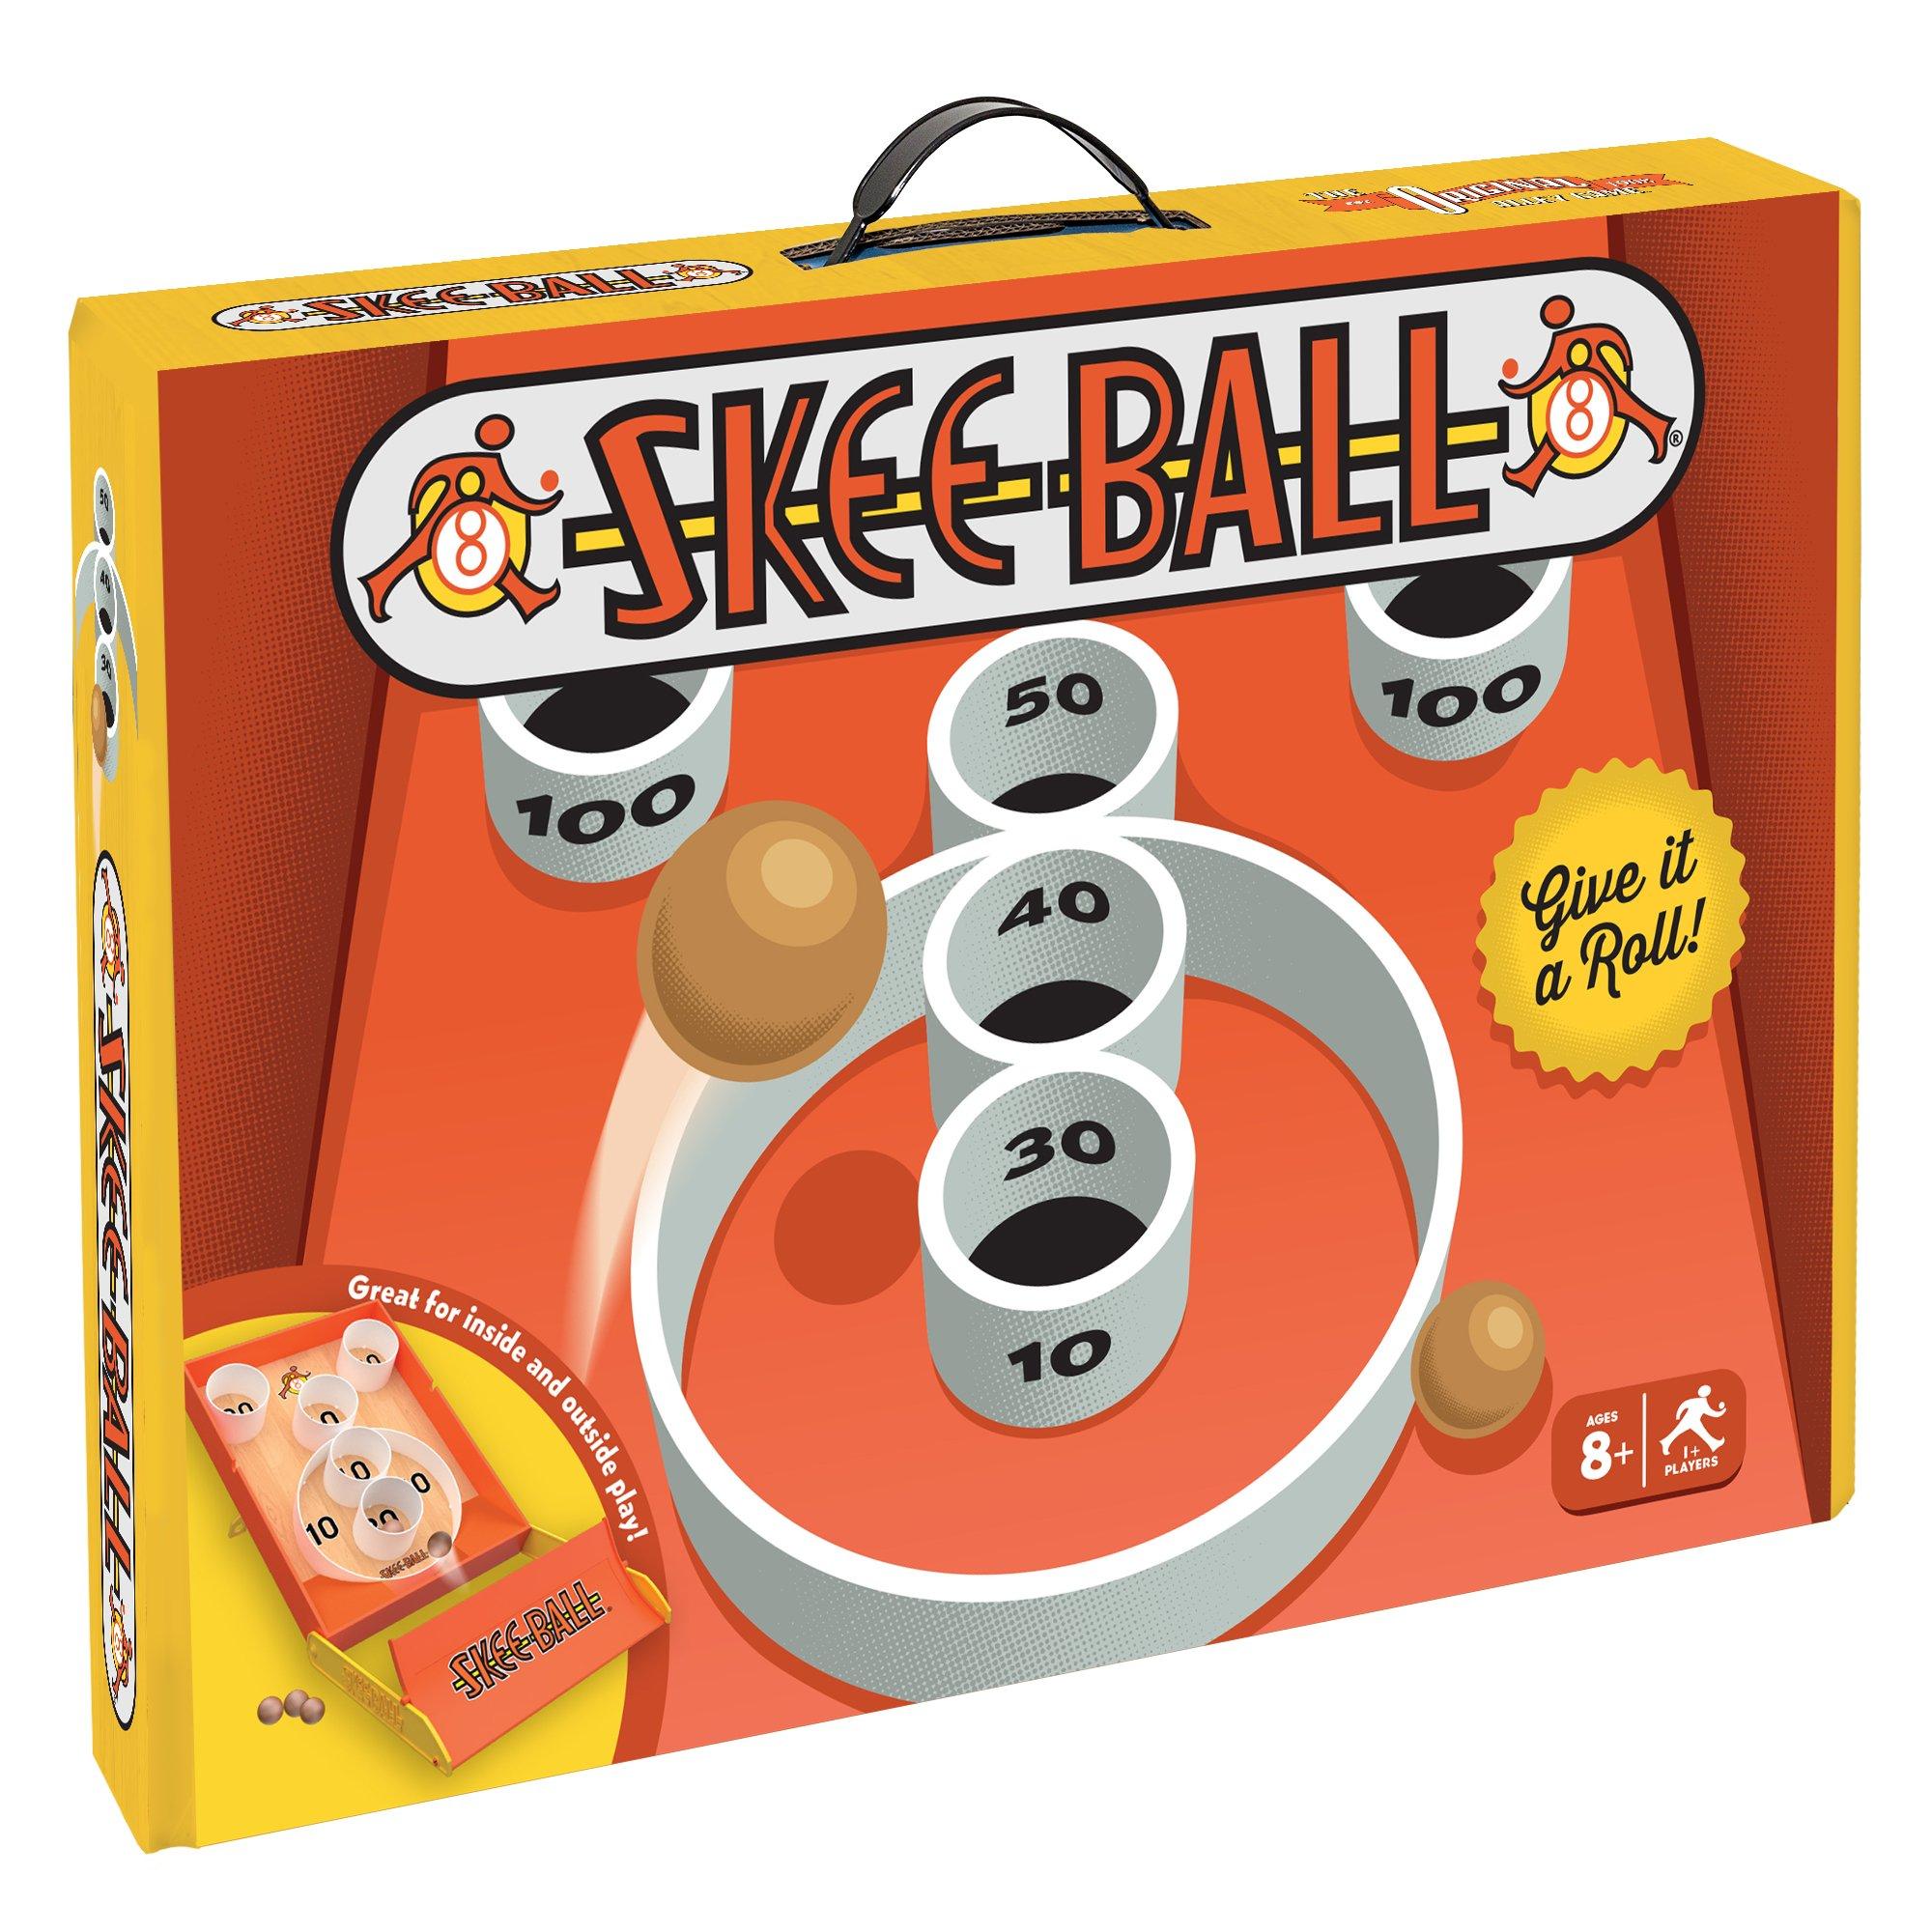 Buffalo Games Arcade Style Skee-Ball, Multicolor